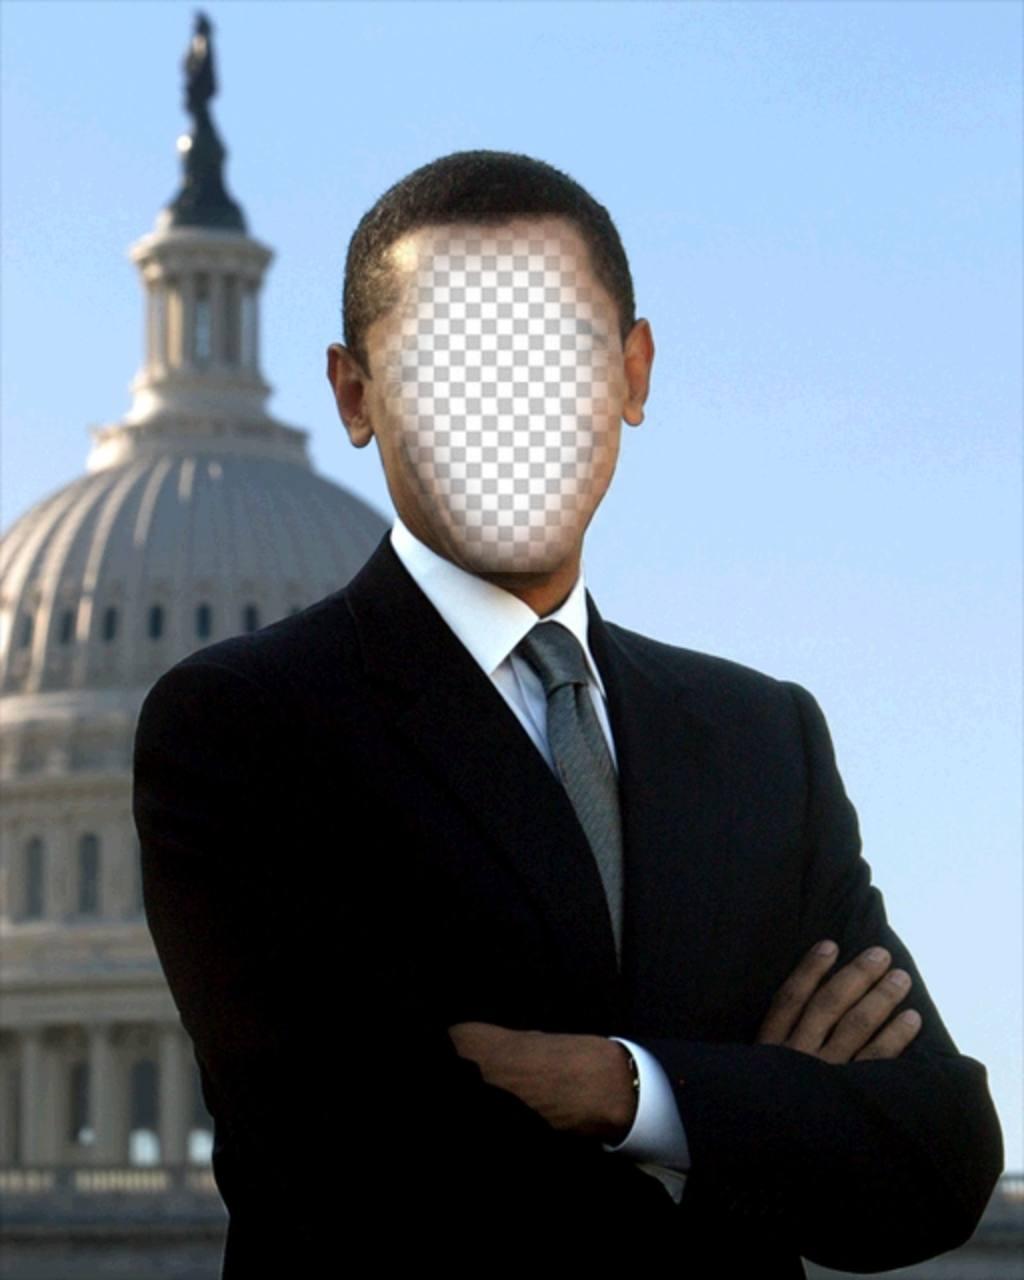 Fotomontage von Barack Obama, Präsident der USA zu setzen Sie Ihr Foto